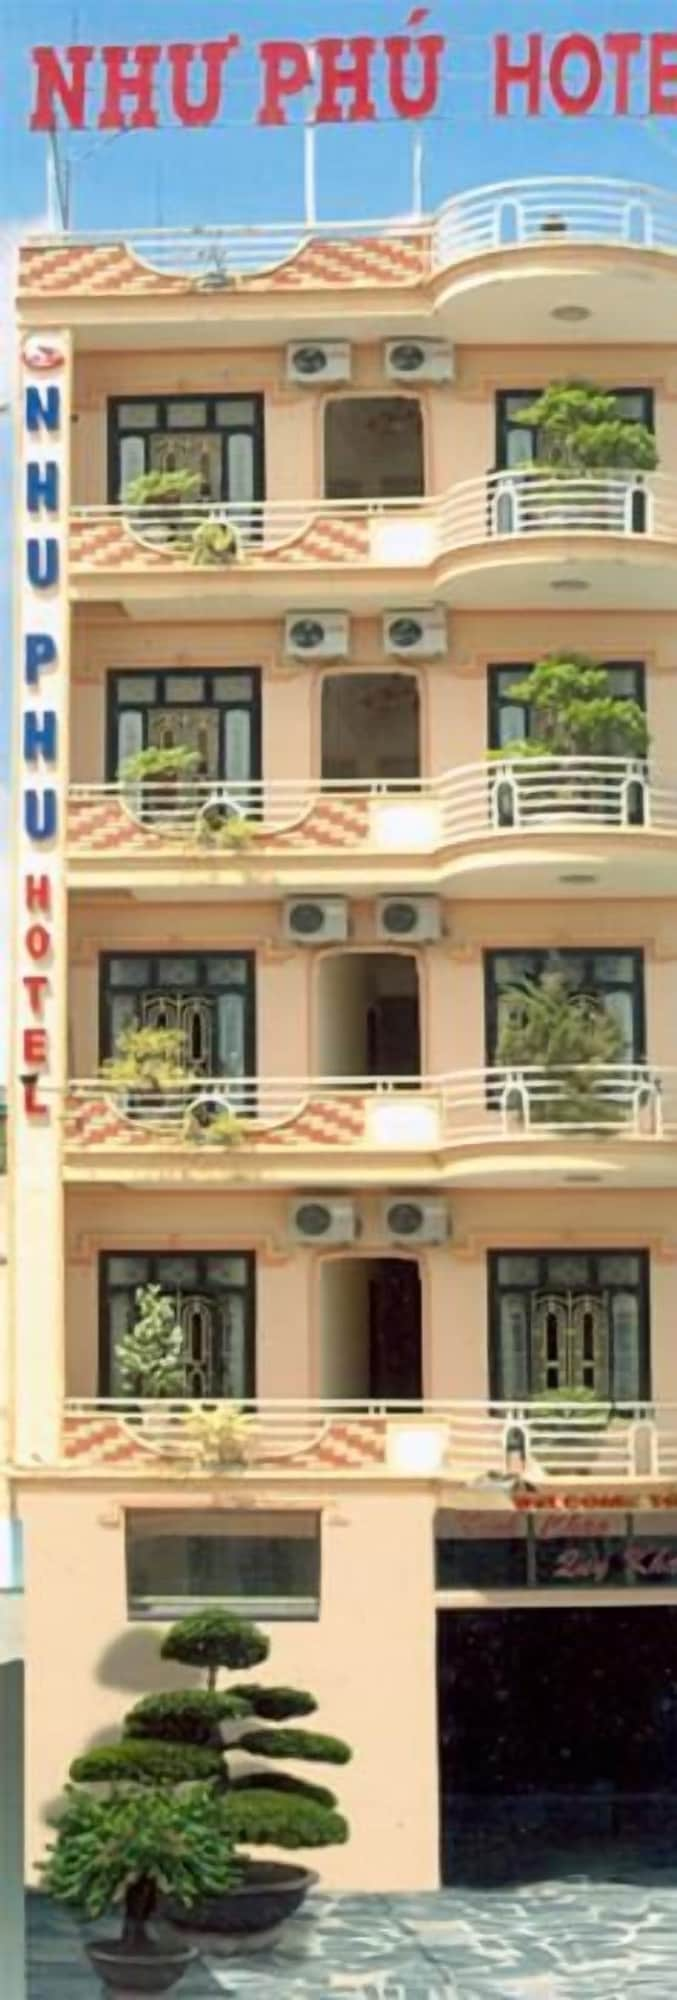 Nhu Phu Hotel, Huế